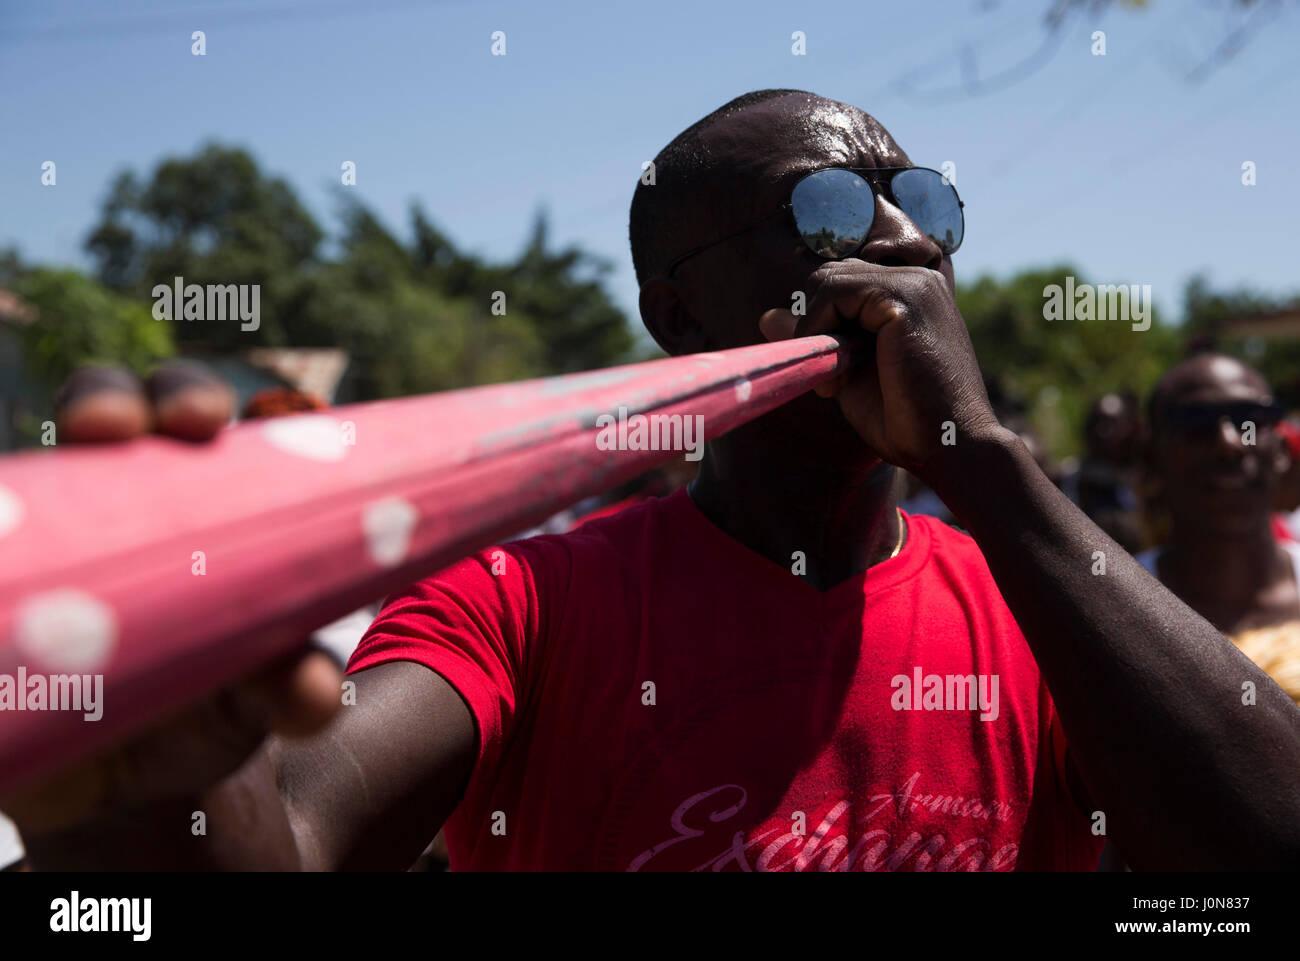 Santo Domingo, Dominican Republic. 14th Apr, 2017. A musician participates in a 'Gaga' on the occasion of - Stock Image